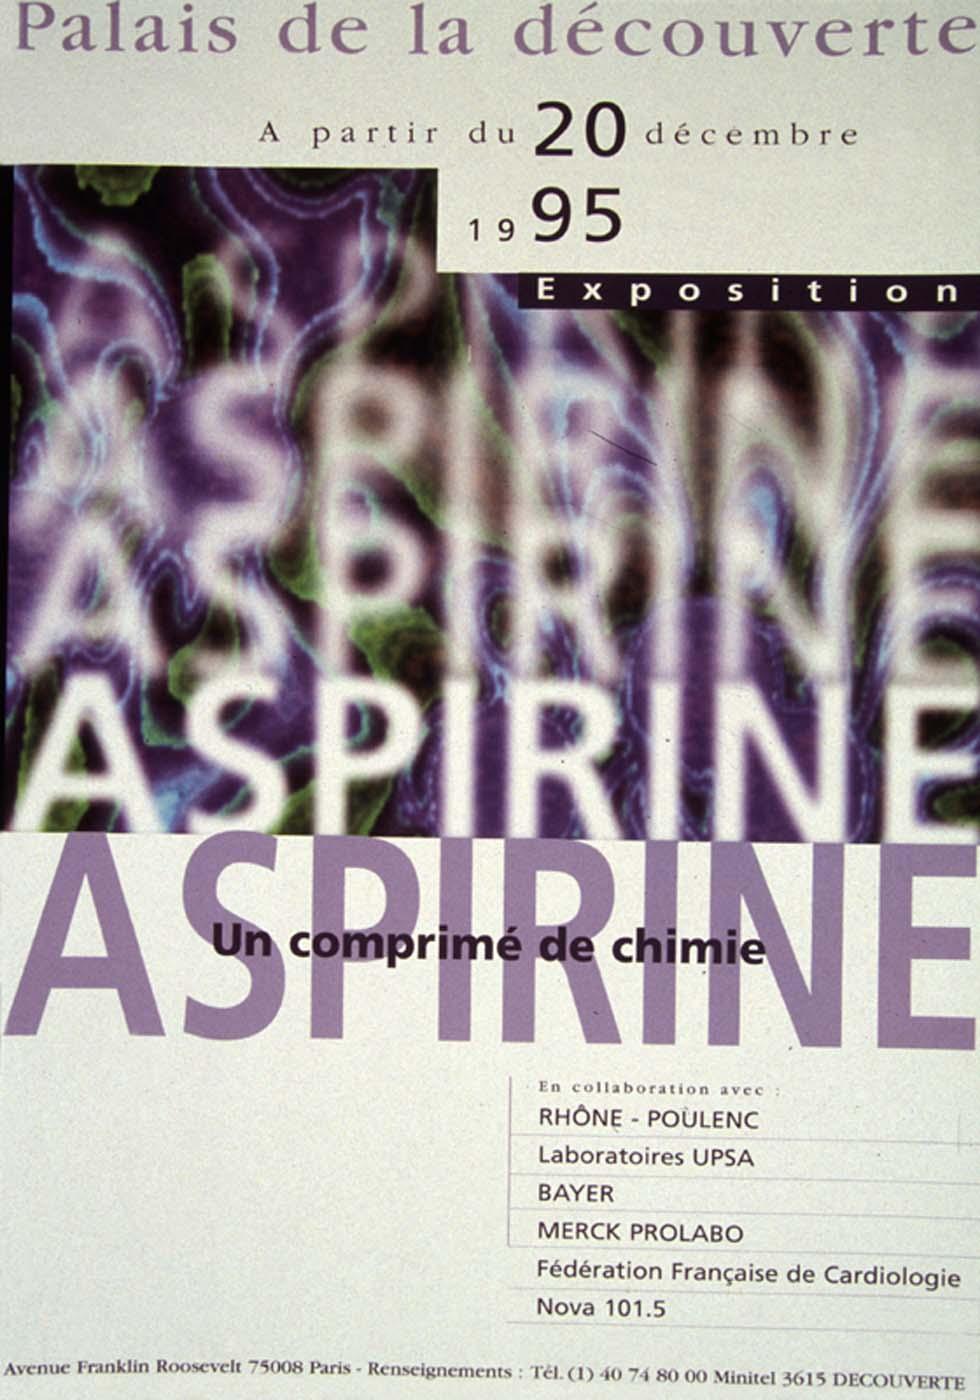 1995 : Aspirine, un comprimé de chimie(ouverture du diaporama)